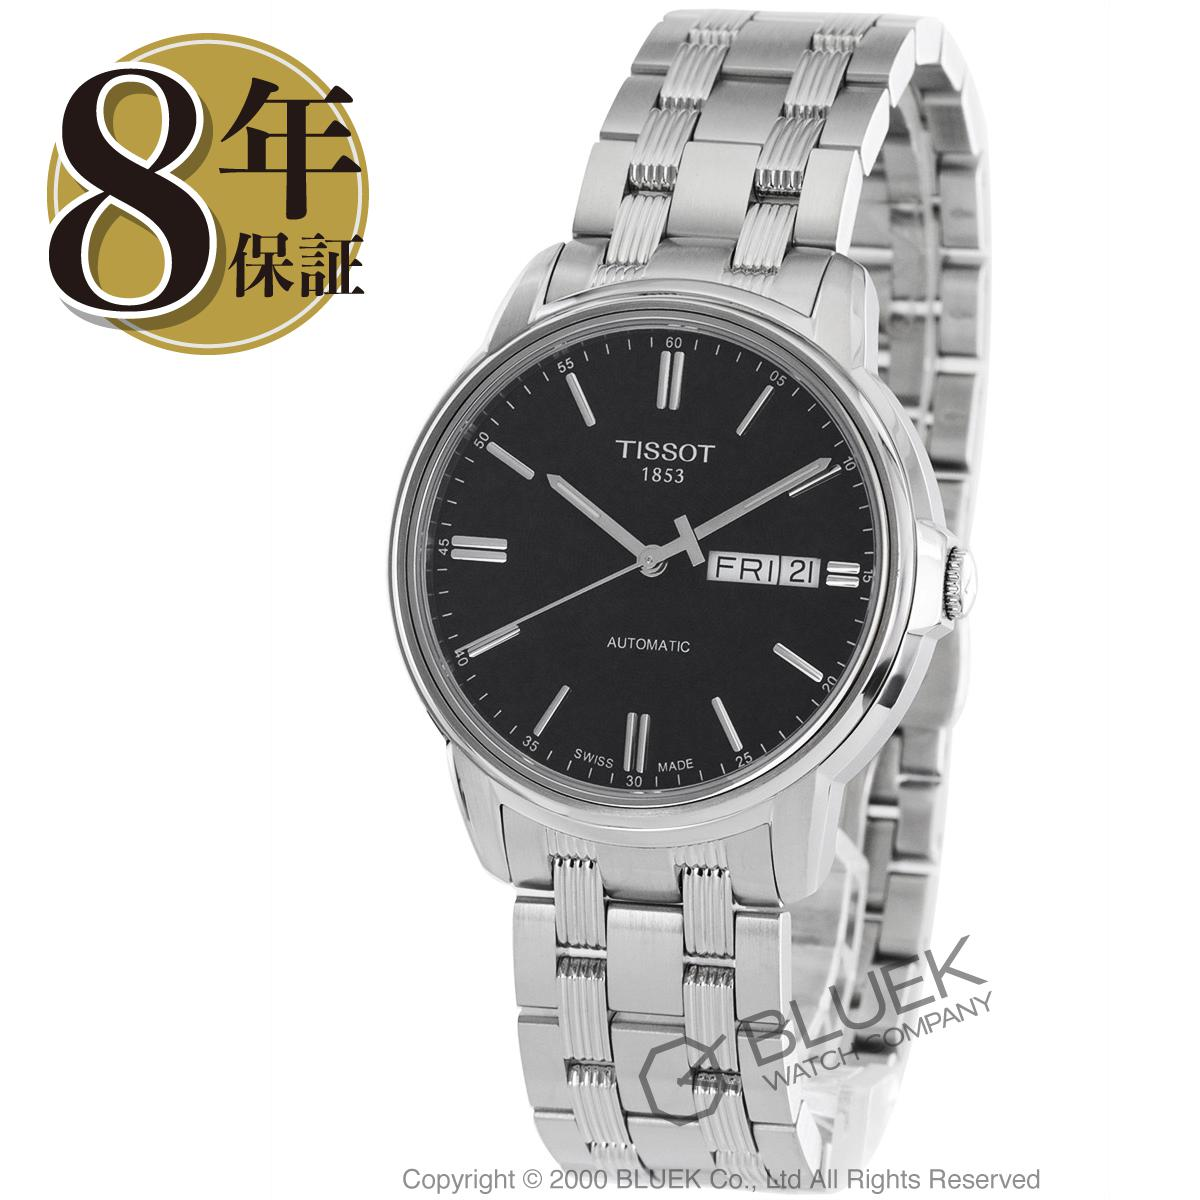 ティソ T-クラシック オートマチックIII 腕時計 メンズ TISSOT T065.430.11.051.00_8